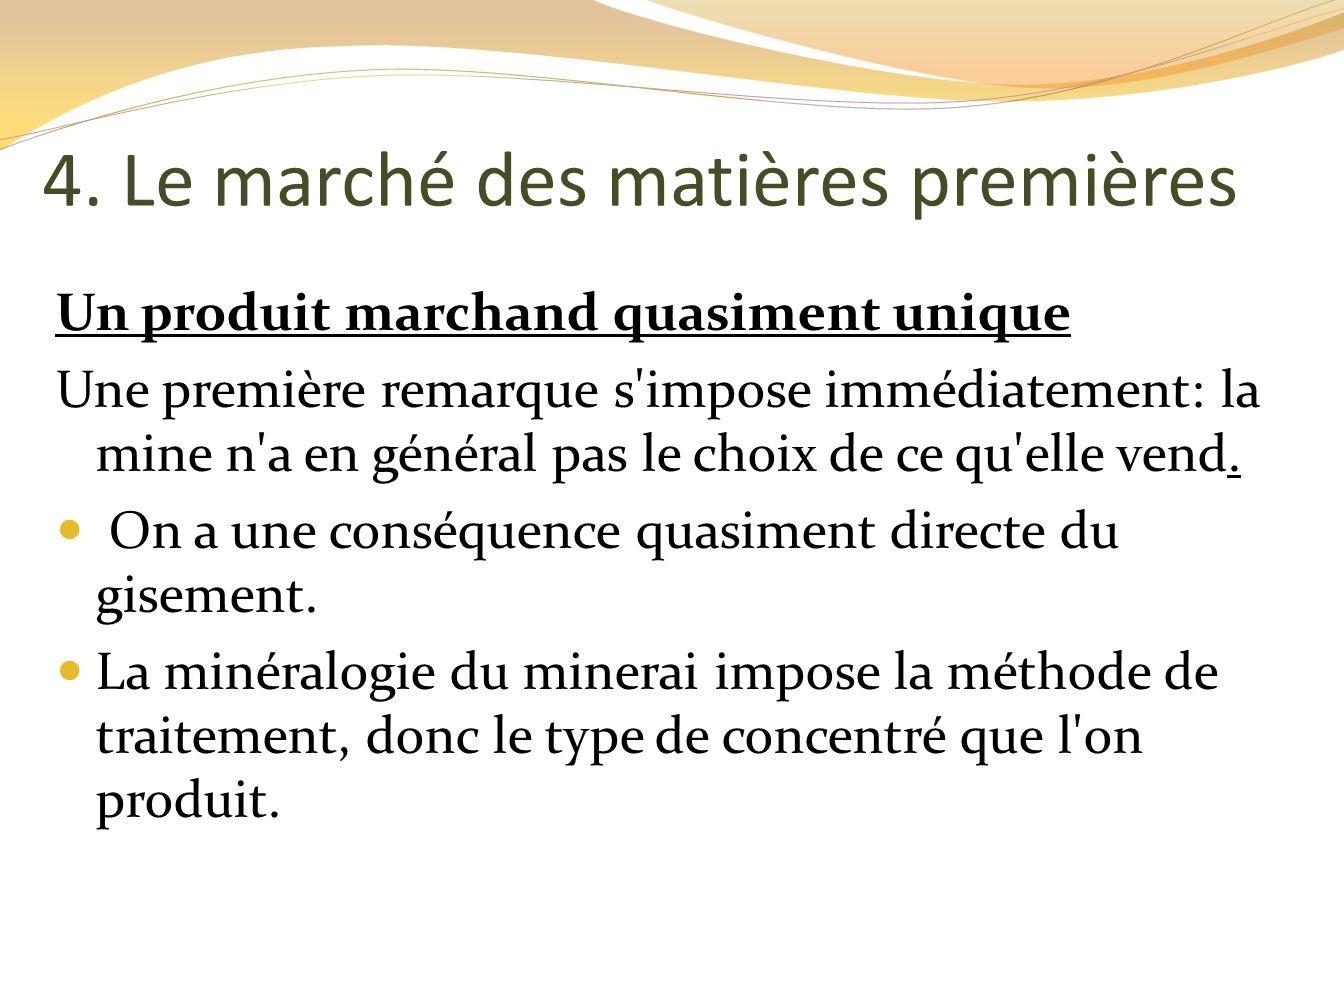 4. Le marché des matières premières